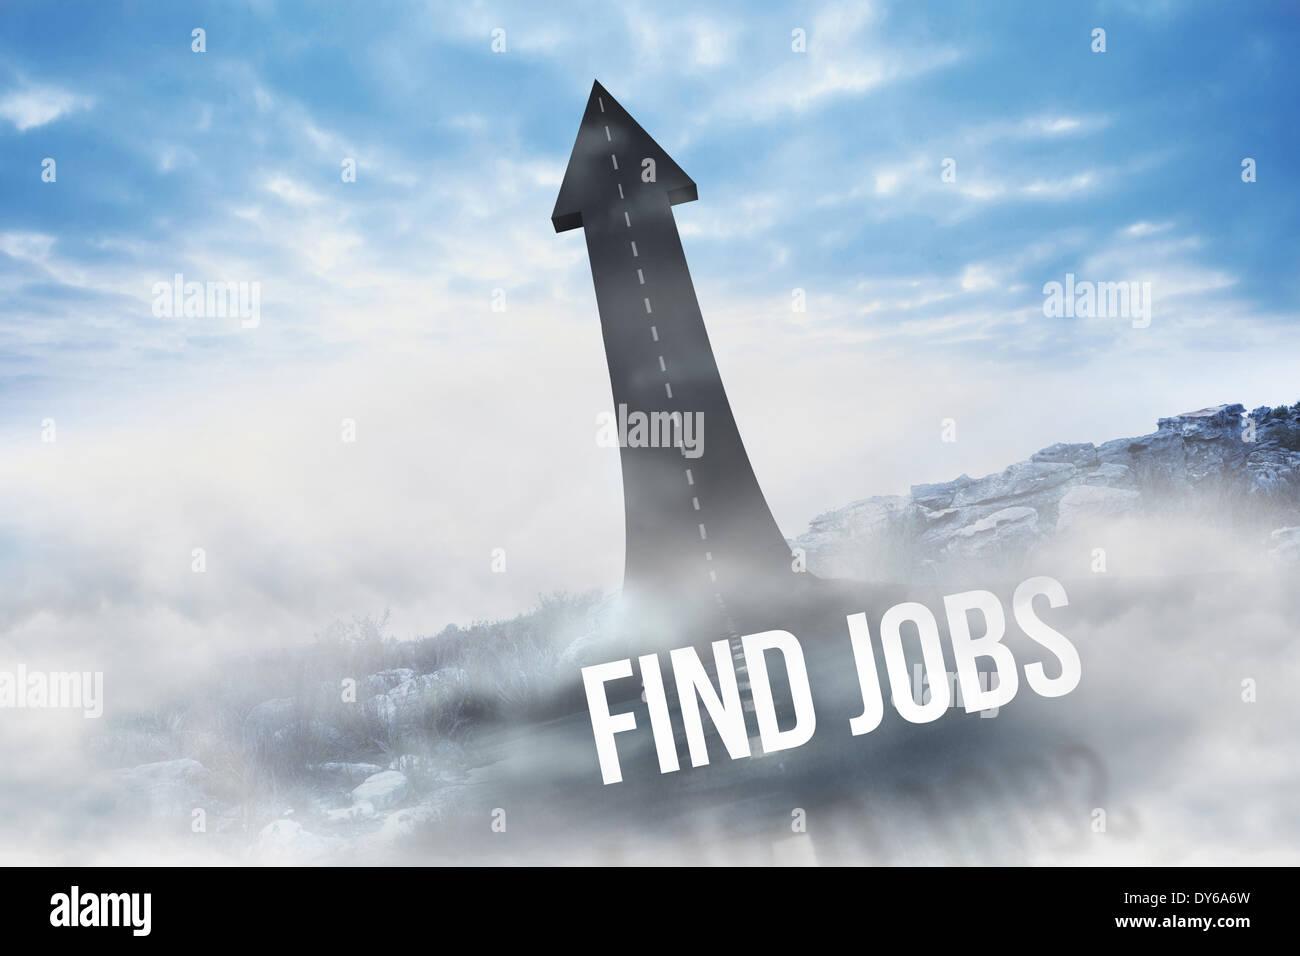 Finden Sie Jobs gegen Straße in Pfeil drehen Stockbild